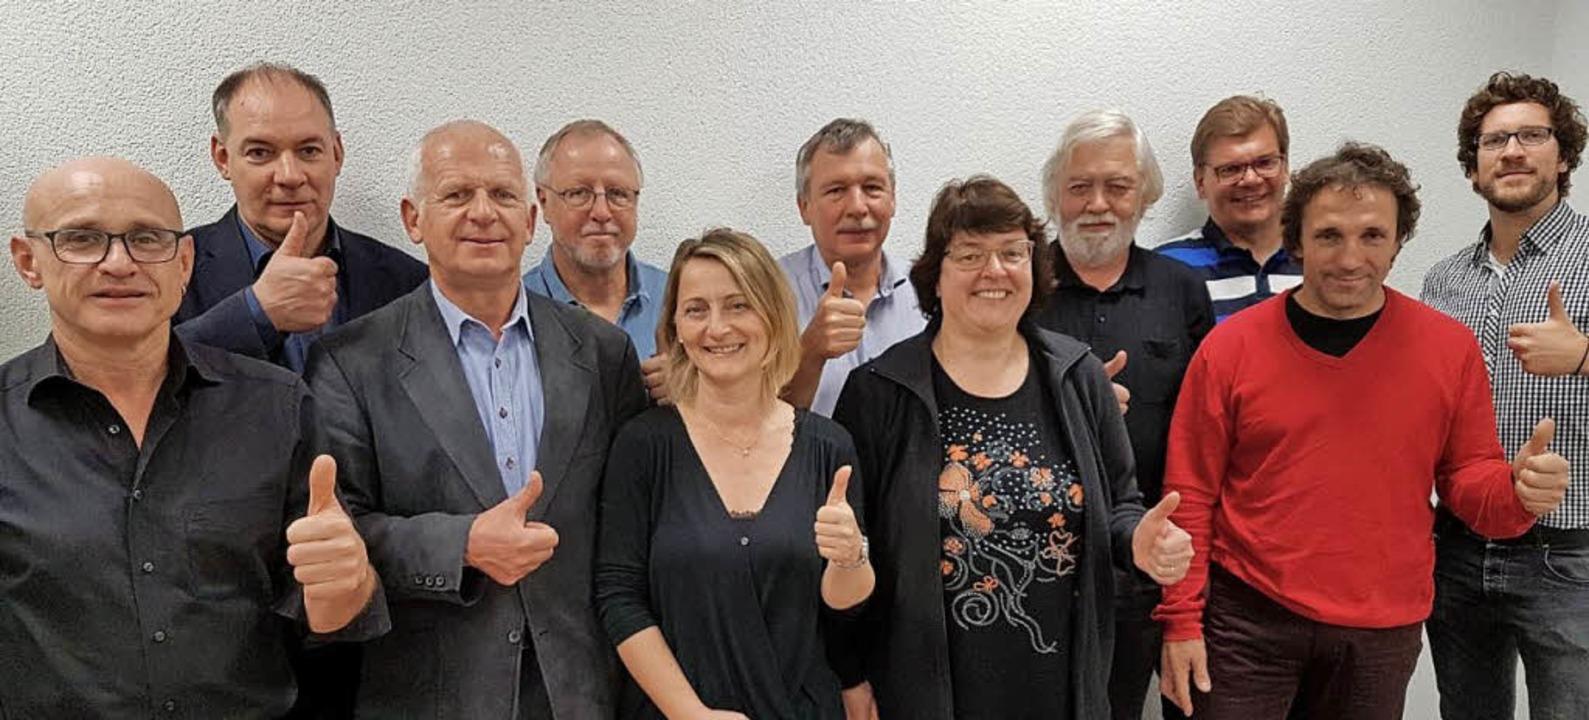 Der neue Vorstand um den Vorsitzenden Guntram Stein (Zweiter von links)    Foto: Jan Wieczorek/DGB